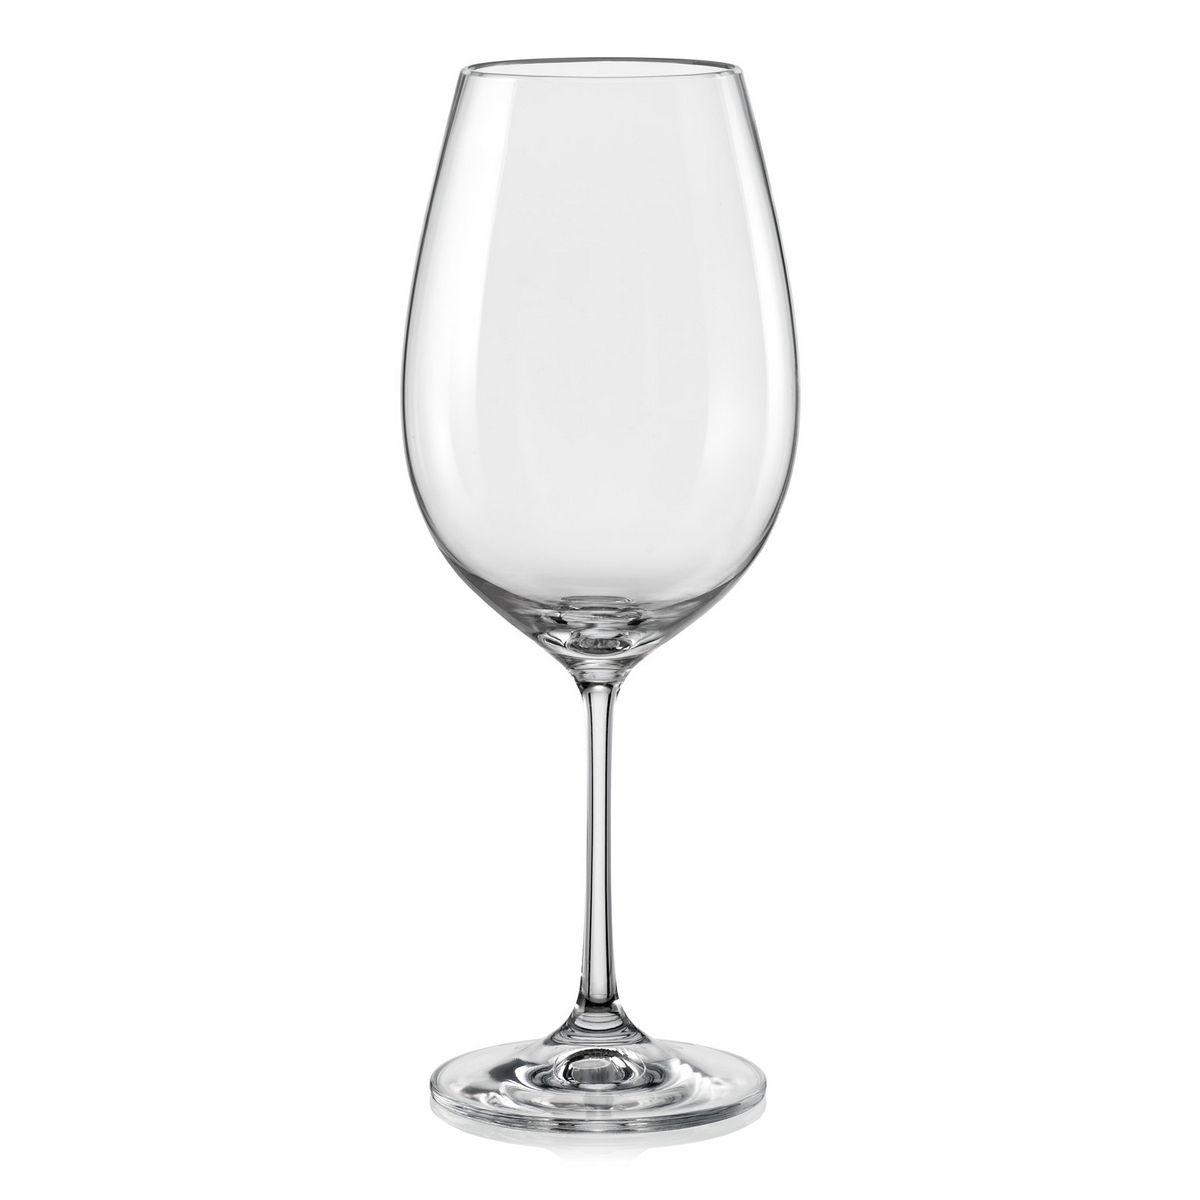 BAR Set 4 pahare cristalin vin 550 ml